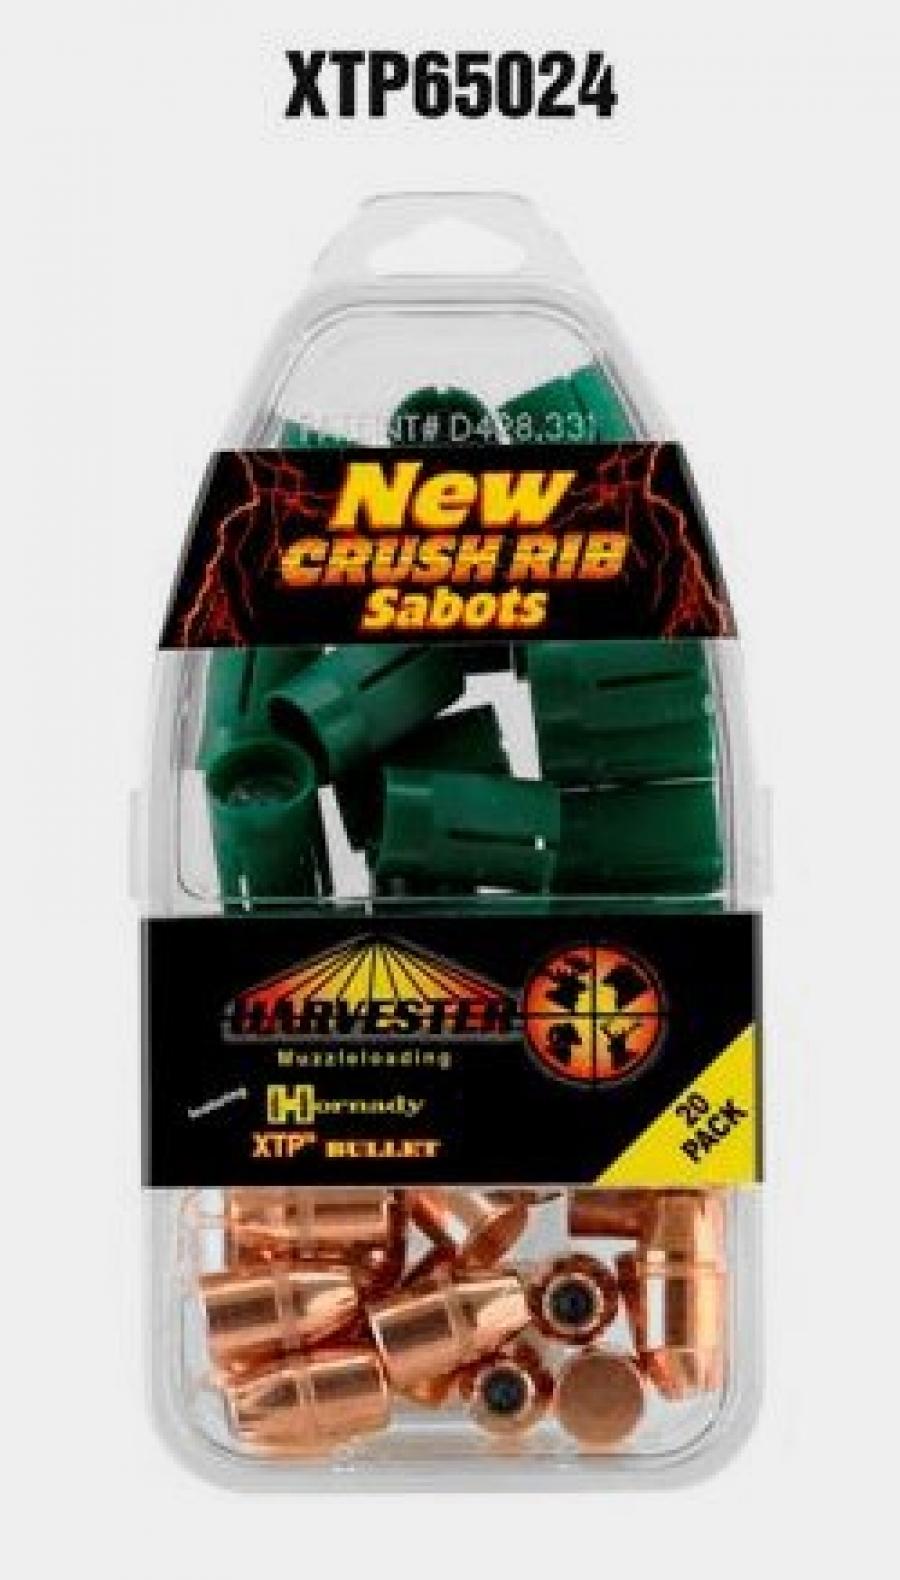 50 Cal. Sabot 240 gr. .430 Hornady XTP Bullet - Pack Qty: 20